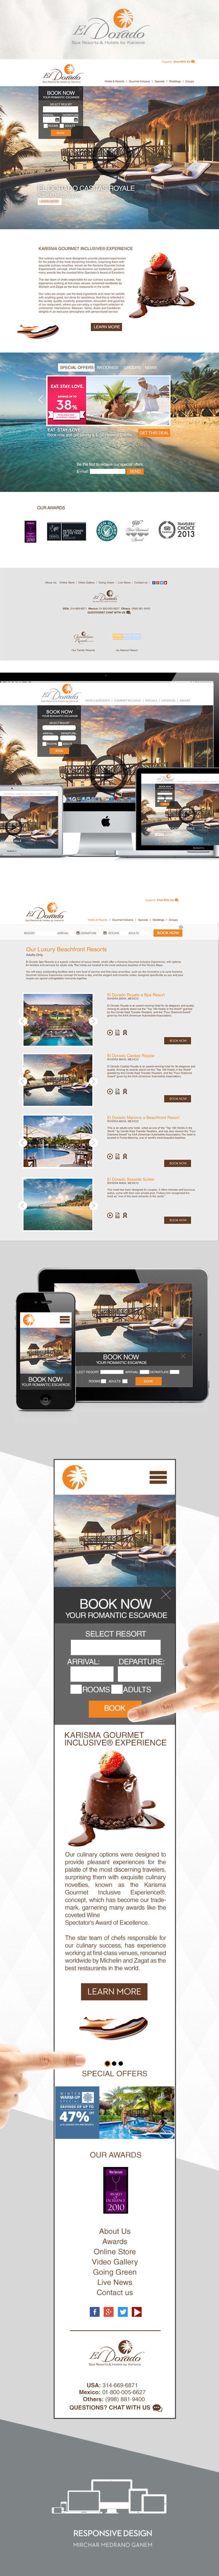 Sitio web El Dorado Spa Resorts & Hotels -1